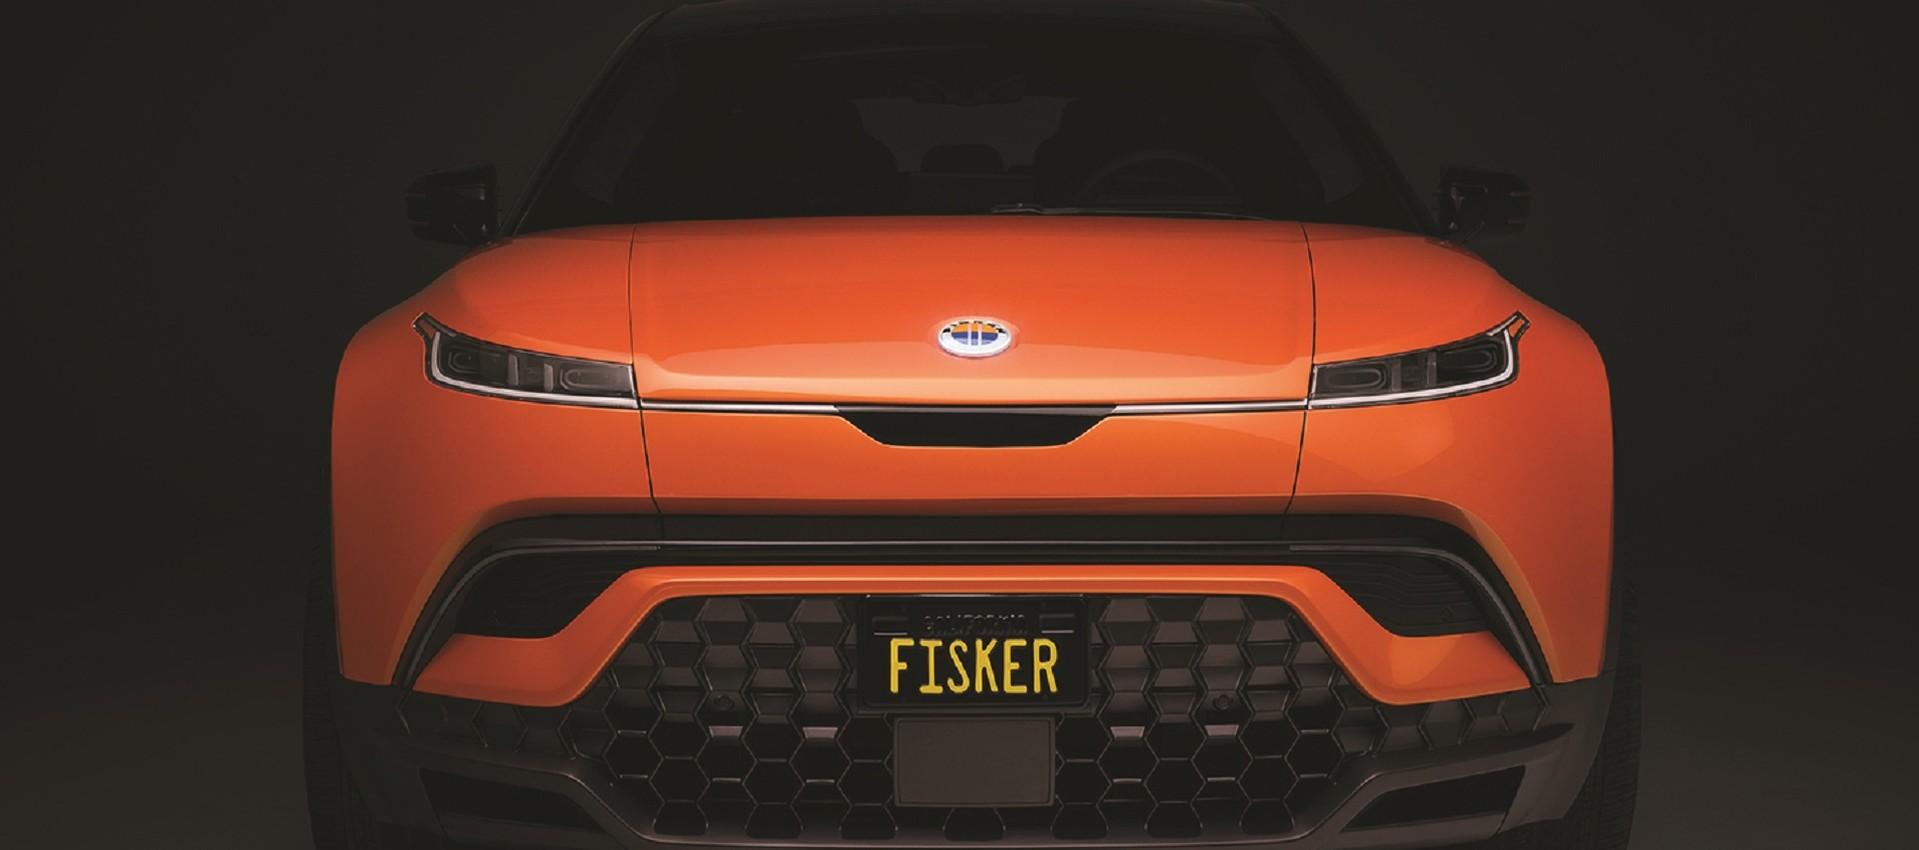 Fisker Ocean. רכב שטח המופעל באמצעות סוללות שיימכר במחיר של 38 אלף דולר. צילום: Fisker